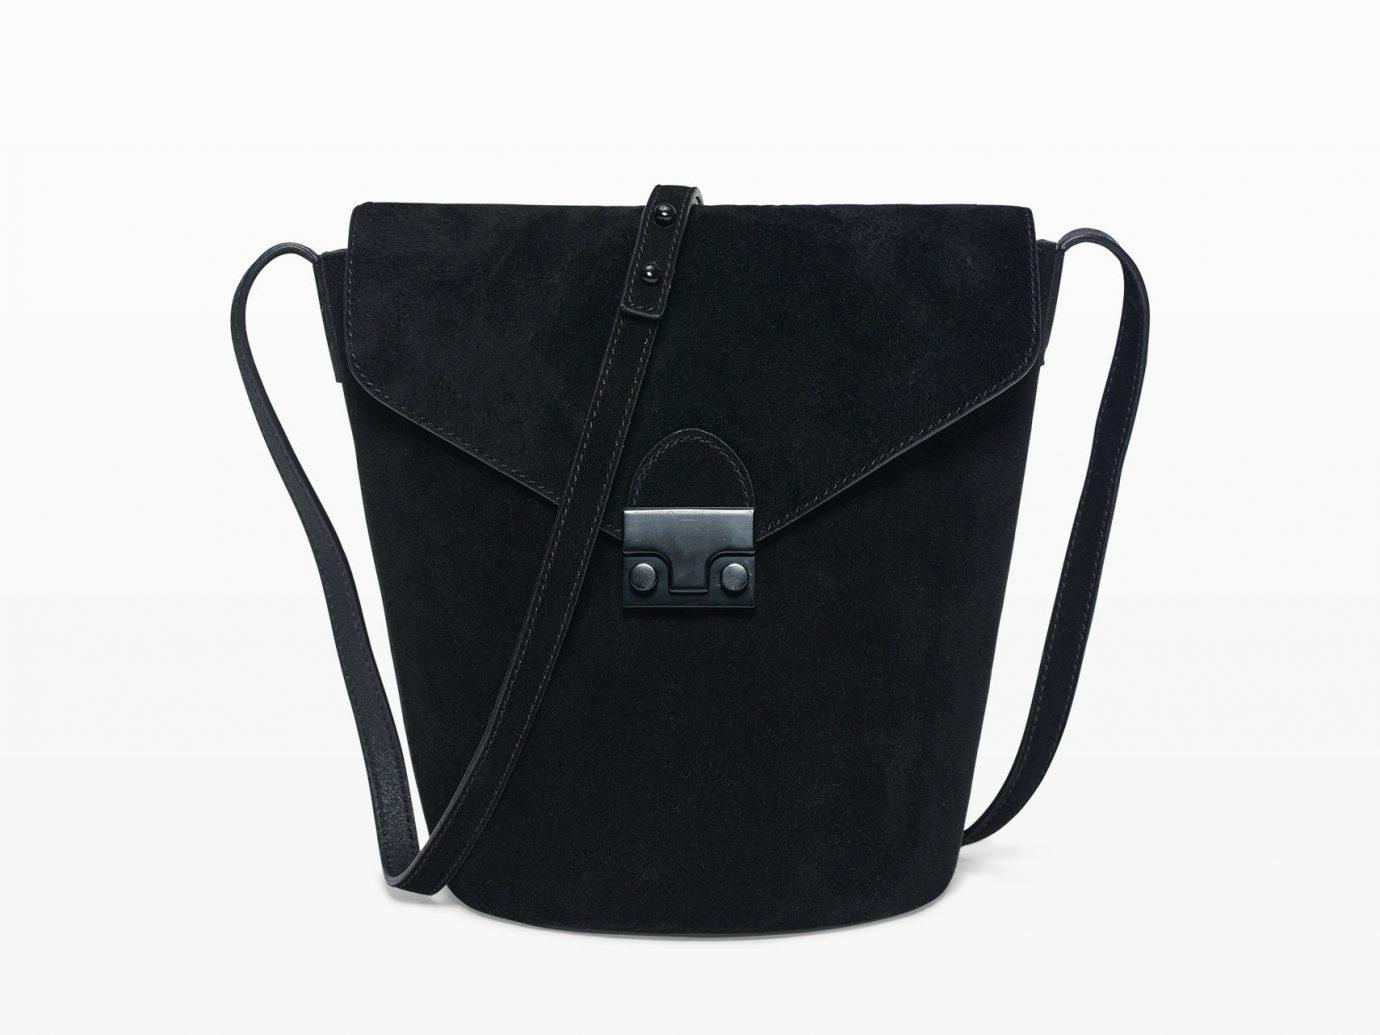 Style + Design bag handbag leather shoulder bag black messenger bag fashion accessory brand accessory textile